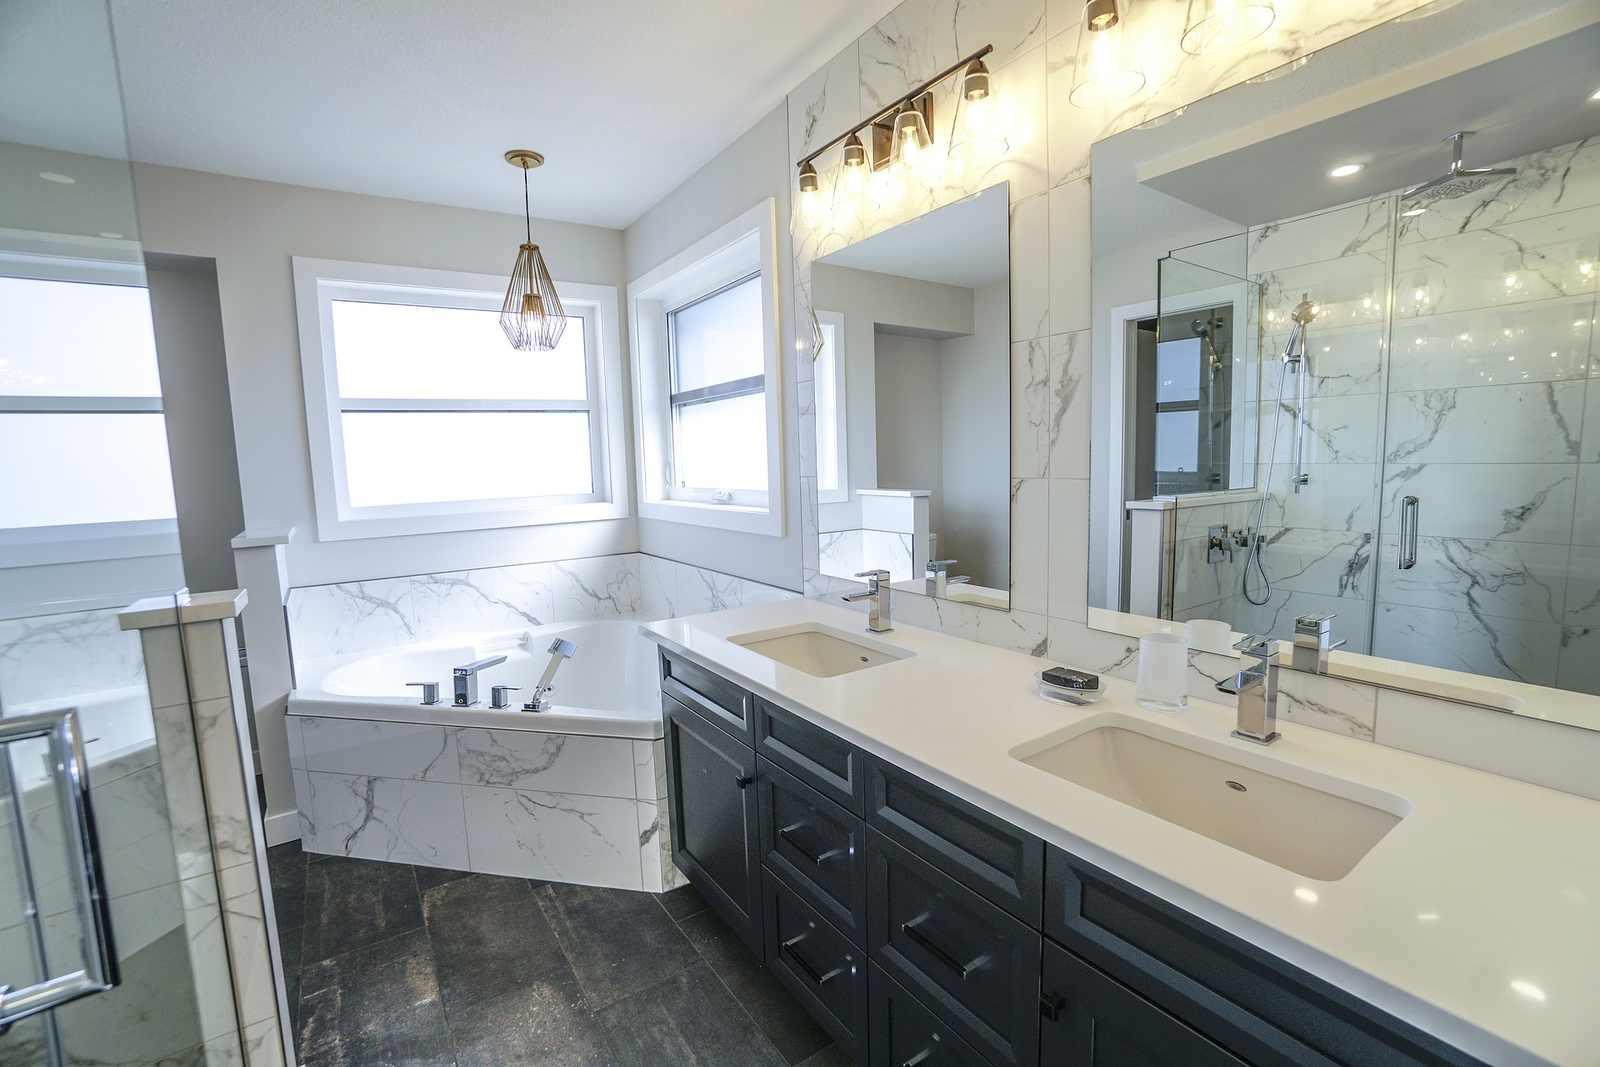 łazienka z dodatkowym oświetleniem nad wanną